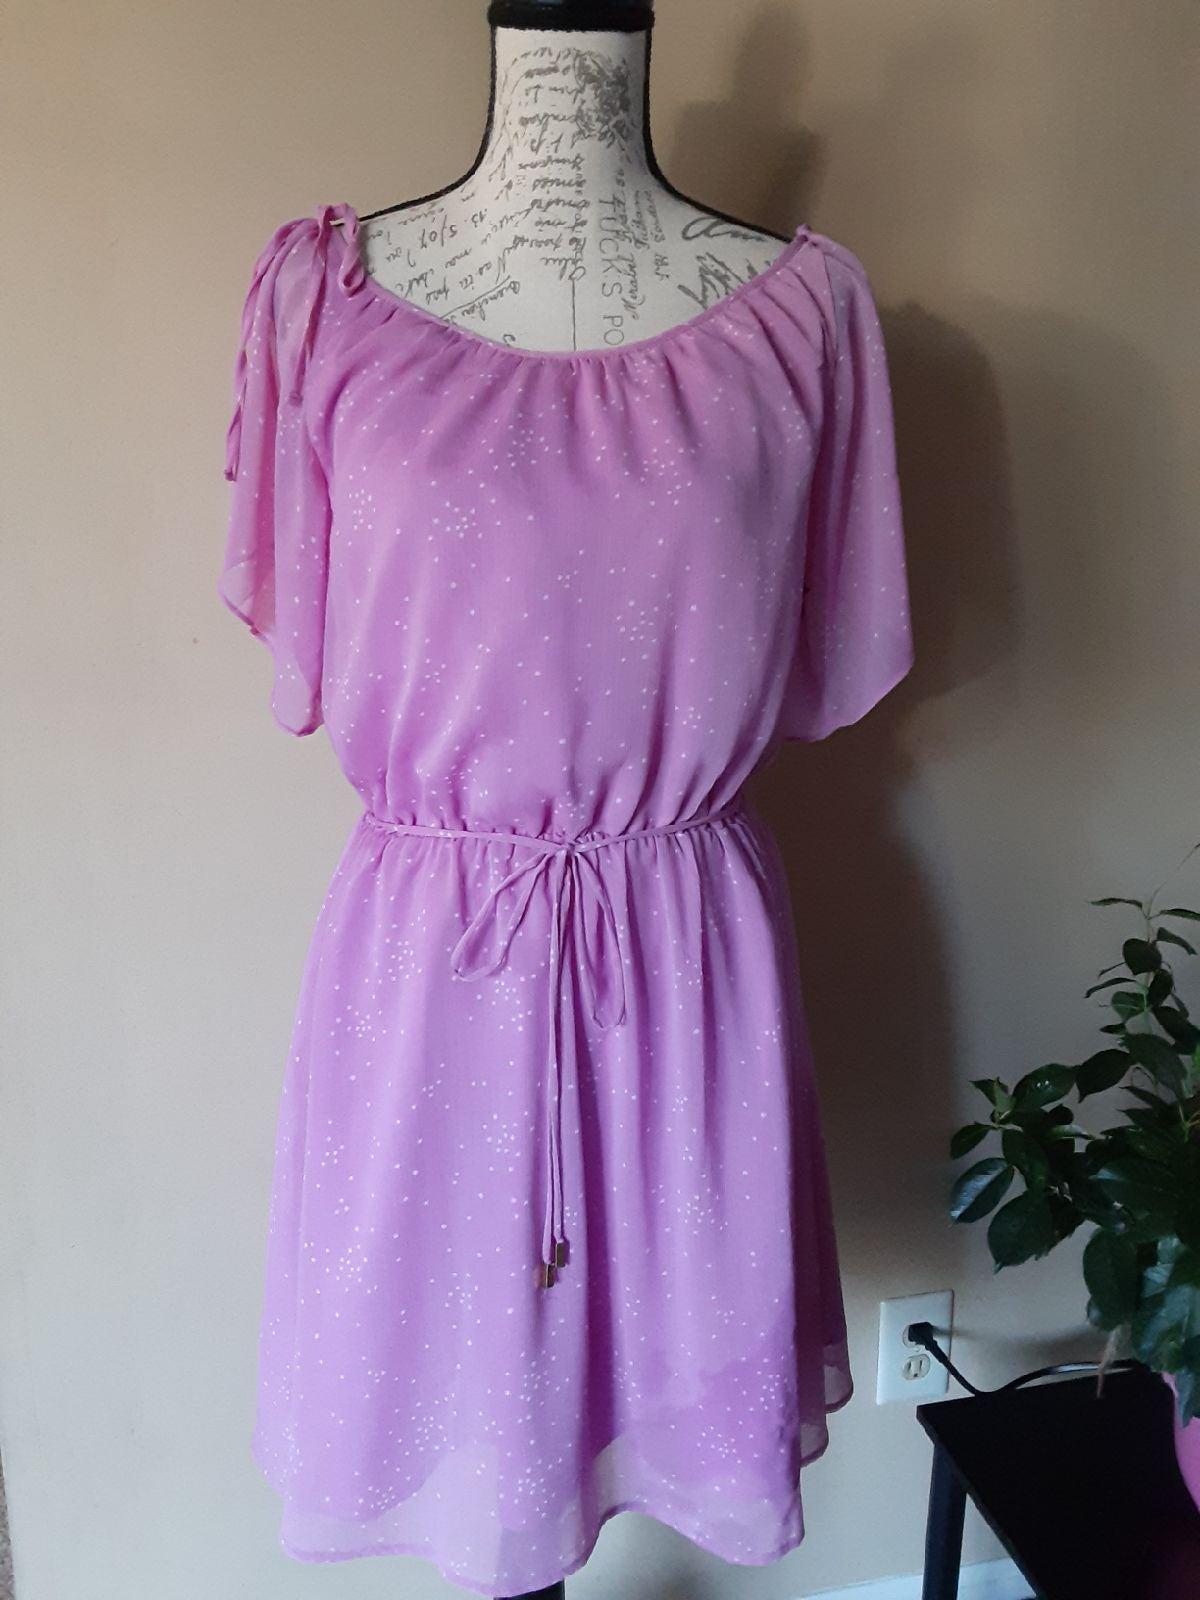 A new Day Pink Mini Dress!